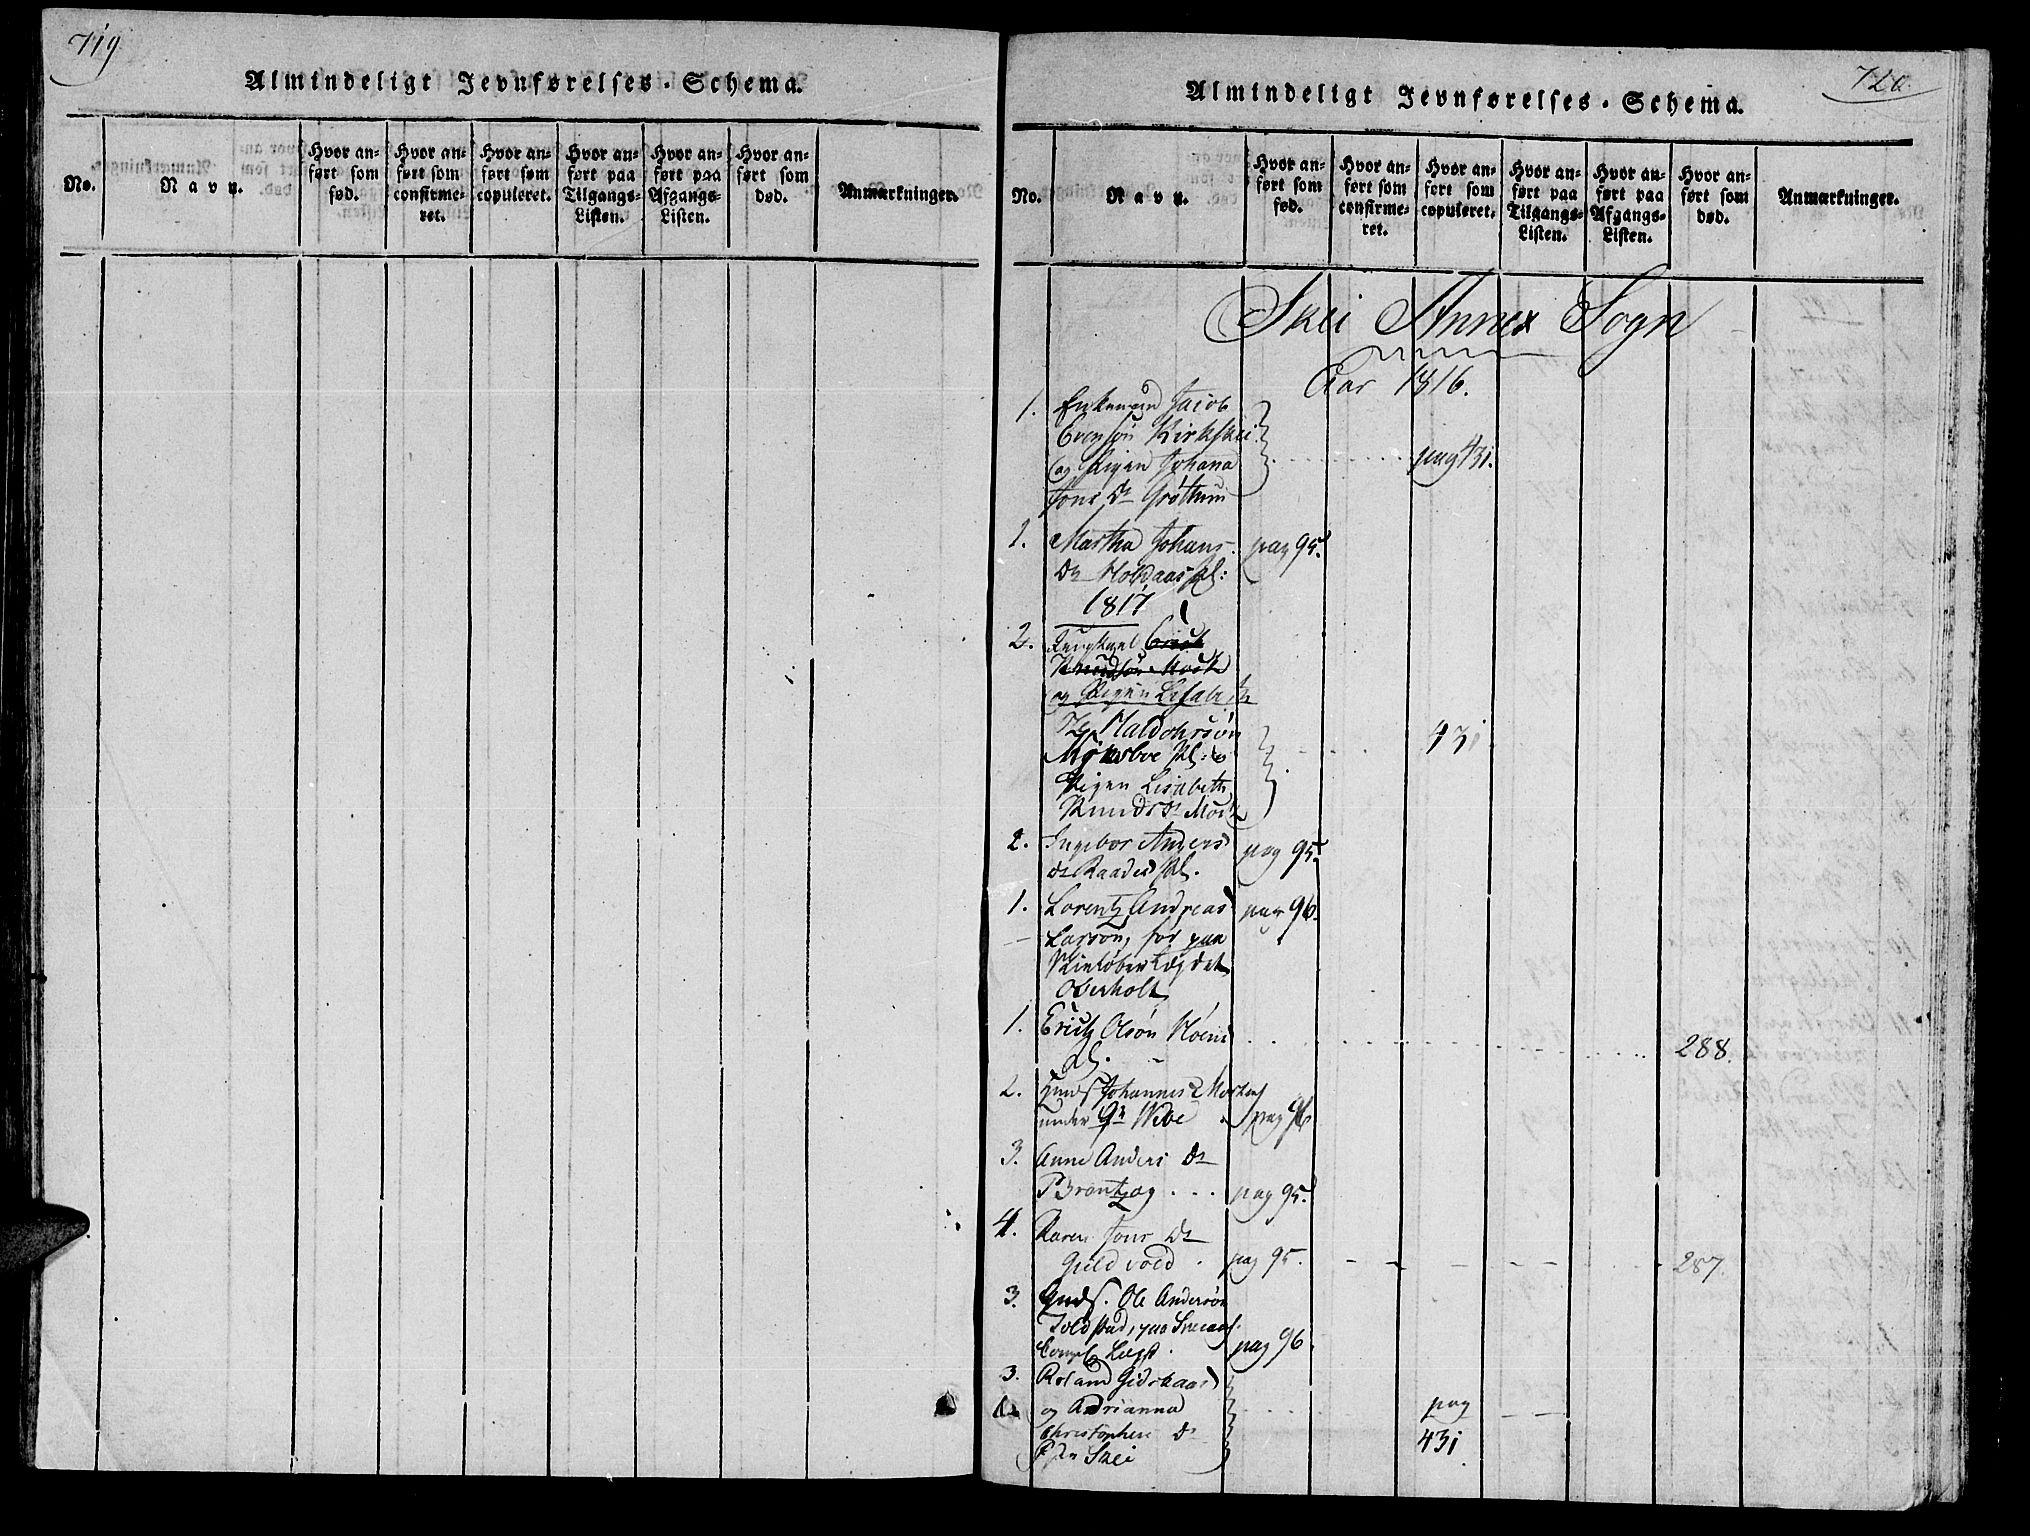 SAT, Ministerialprotokoller, klokkerbøker og fødselsregistre - Nord-Trøndelag, 735/L0333: Parish register (official) no. 735A04 /2, 1816-1825, p. 719-720